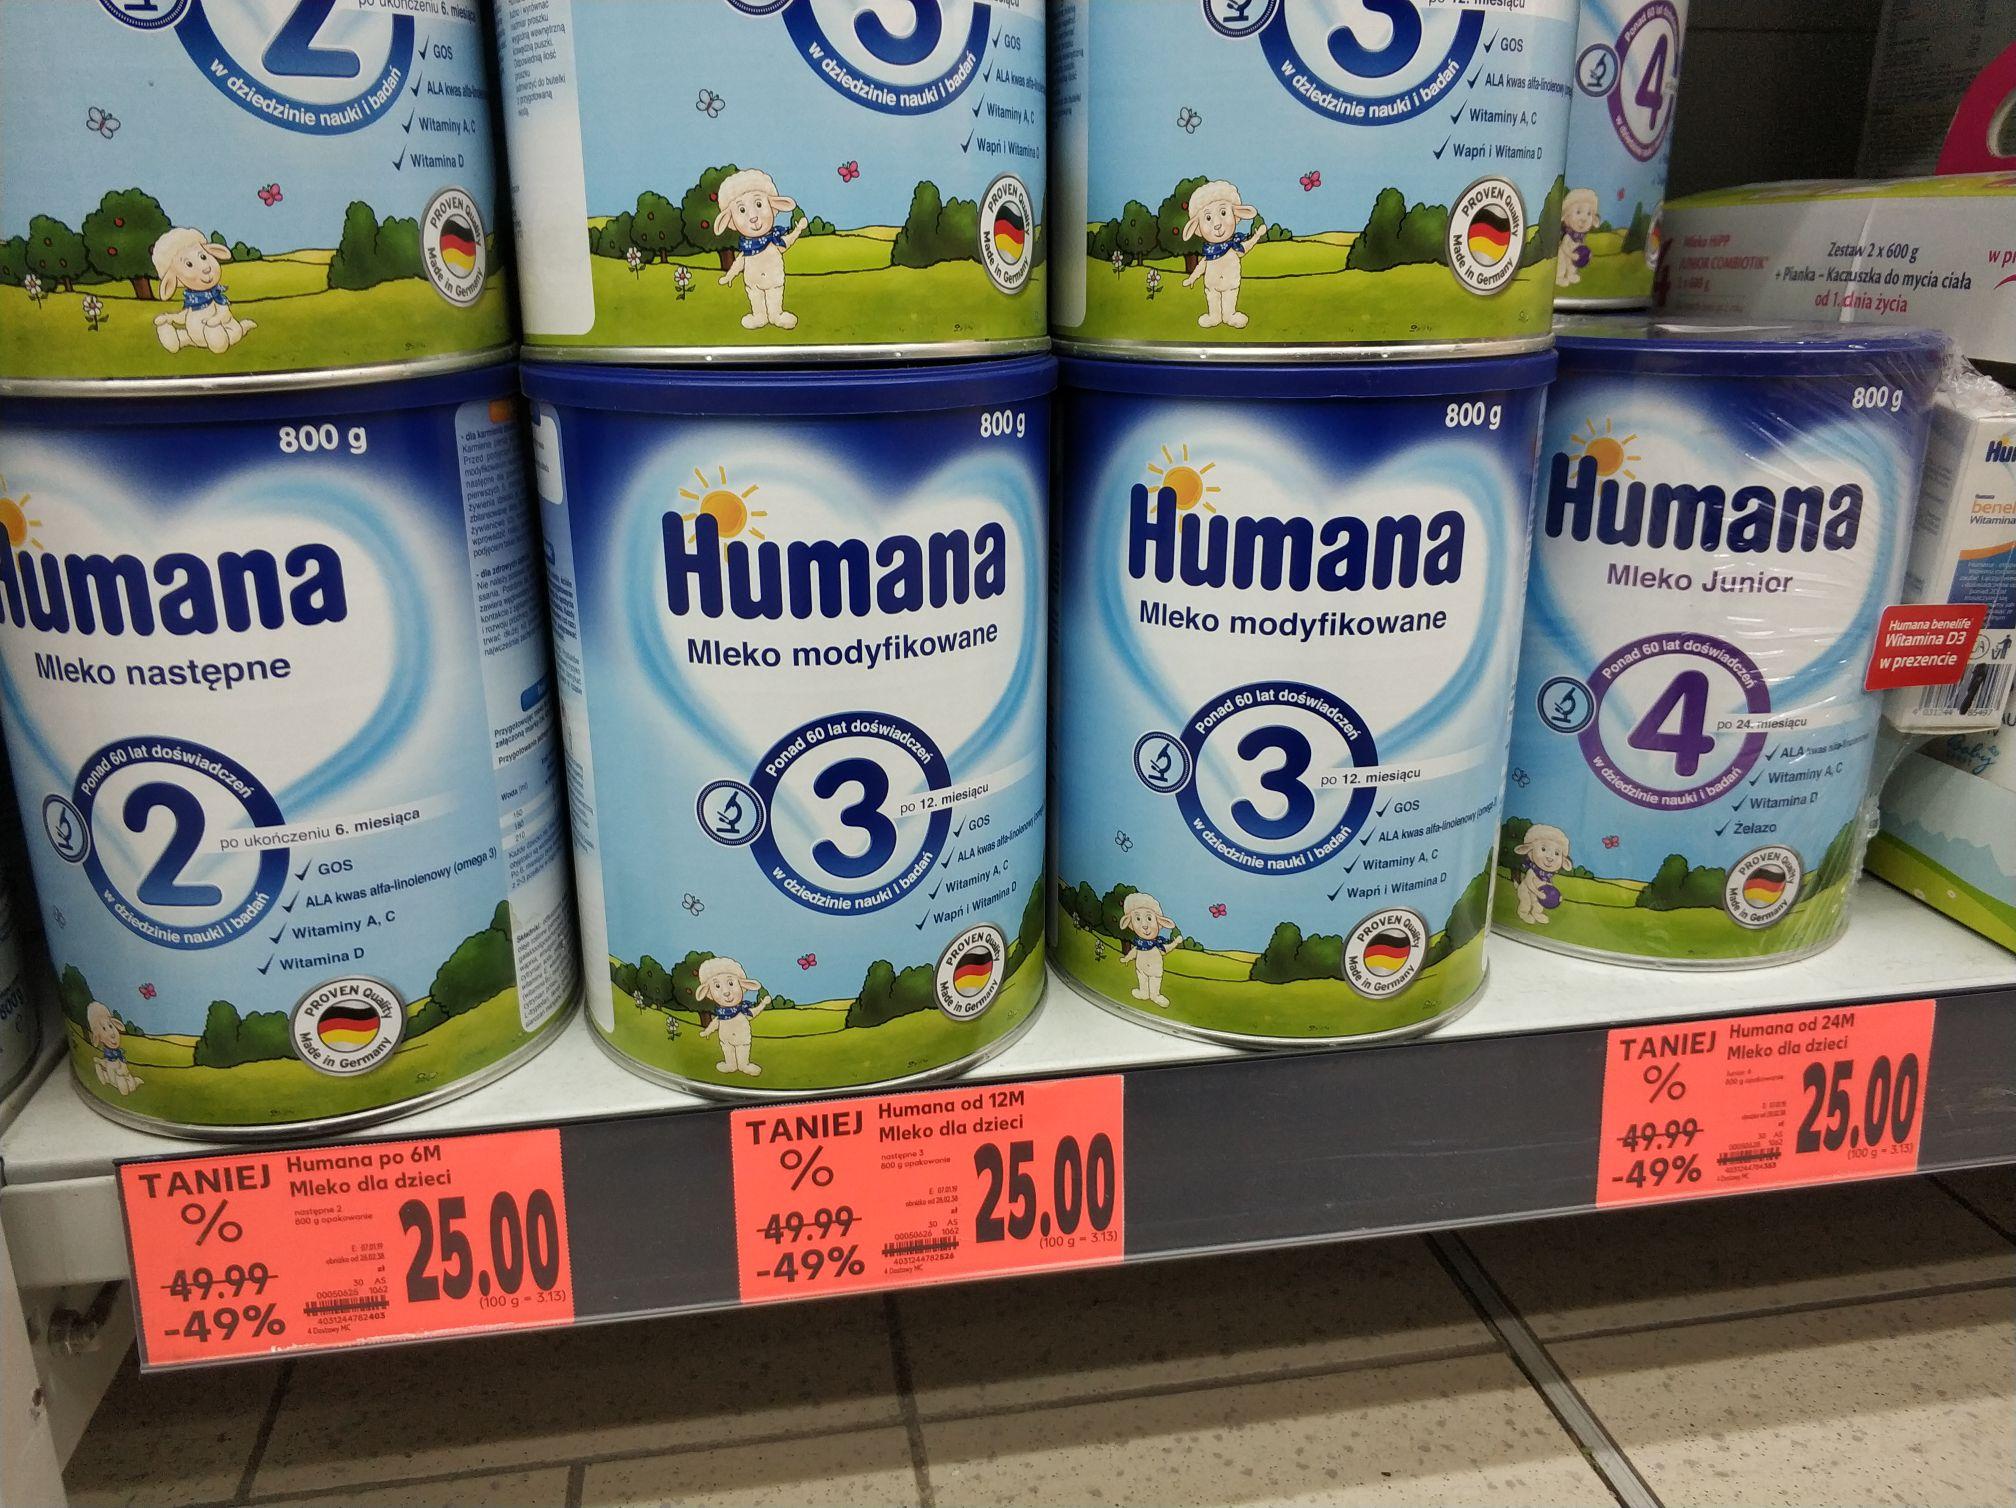 Mleko modyfikowane HUMANA 2, 3 i 4 za pół ceny Kaufland